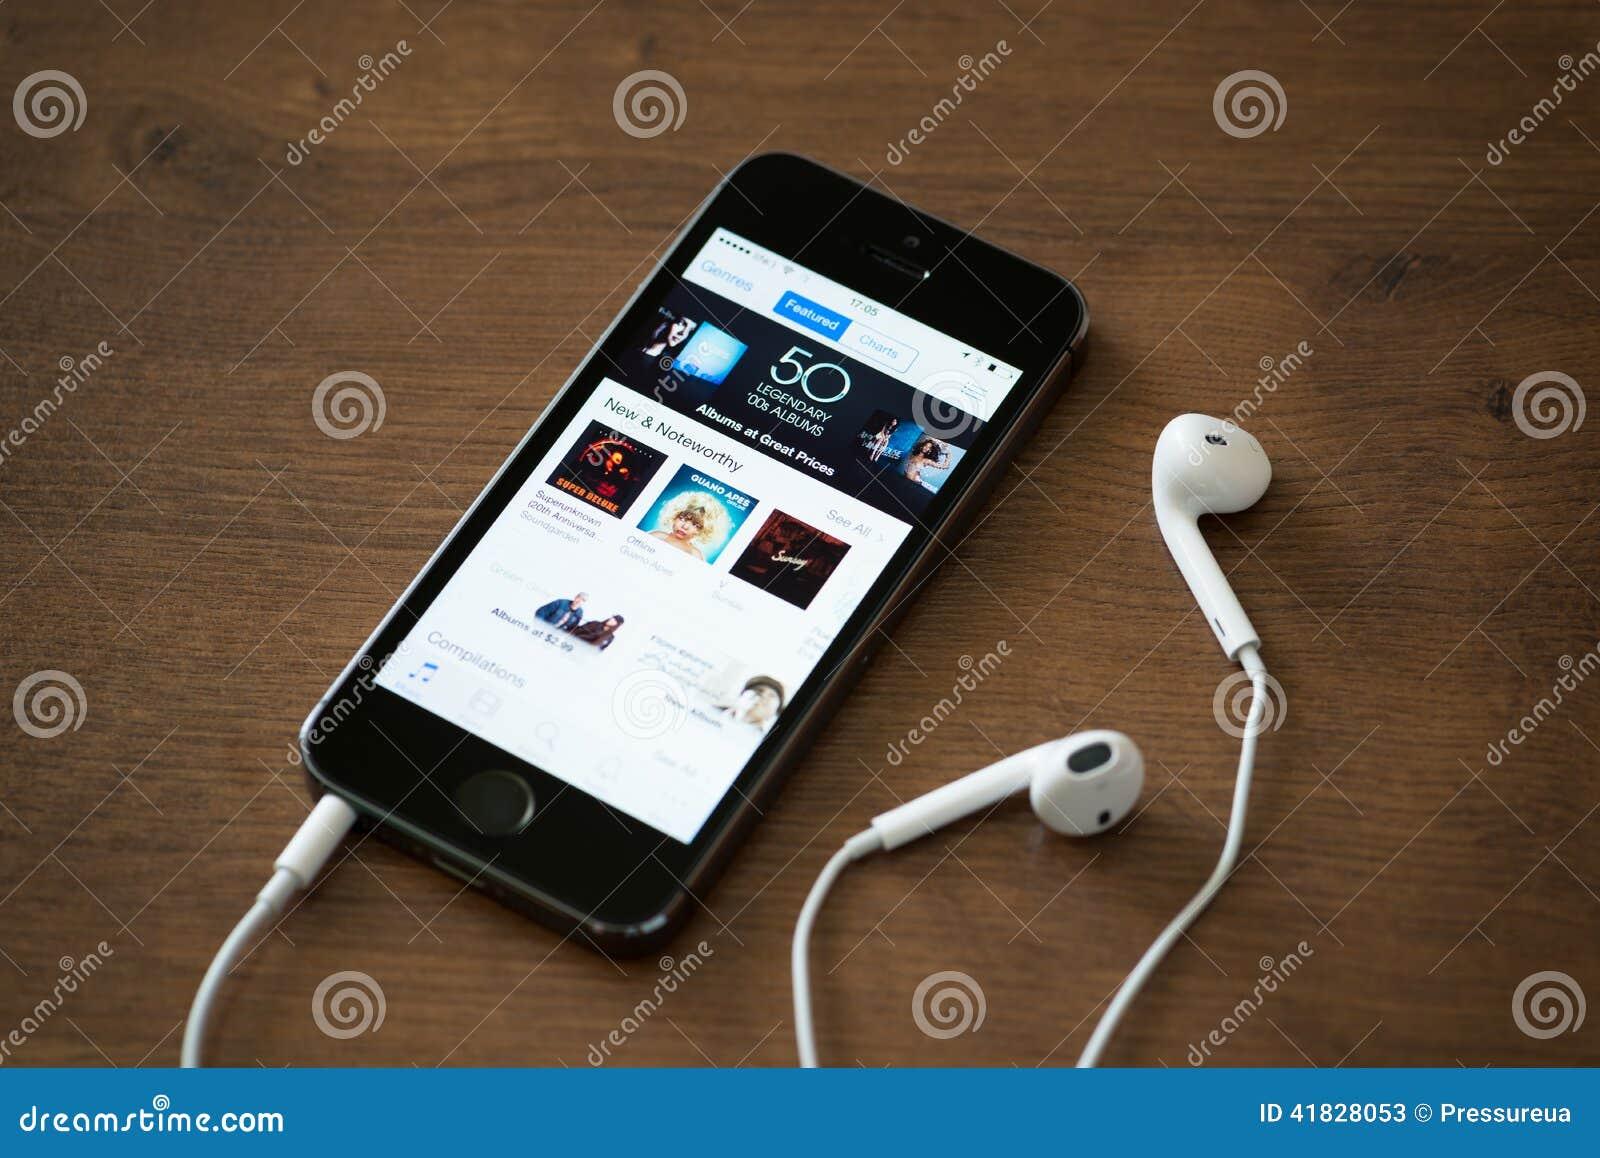 Как бесплатно скачать песни на iphone (айфон) 2 простых способа.